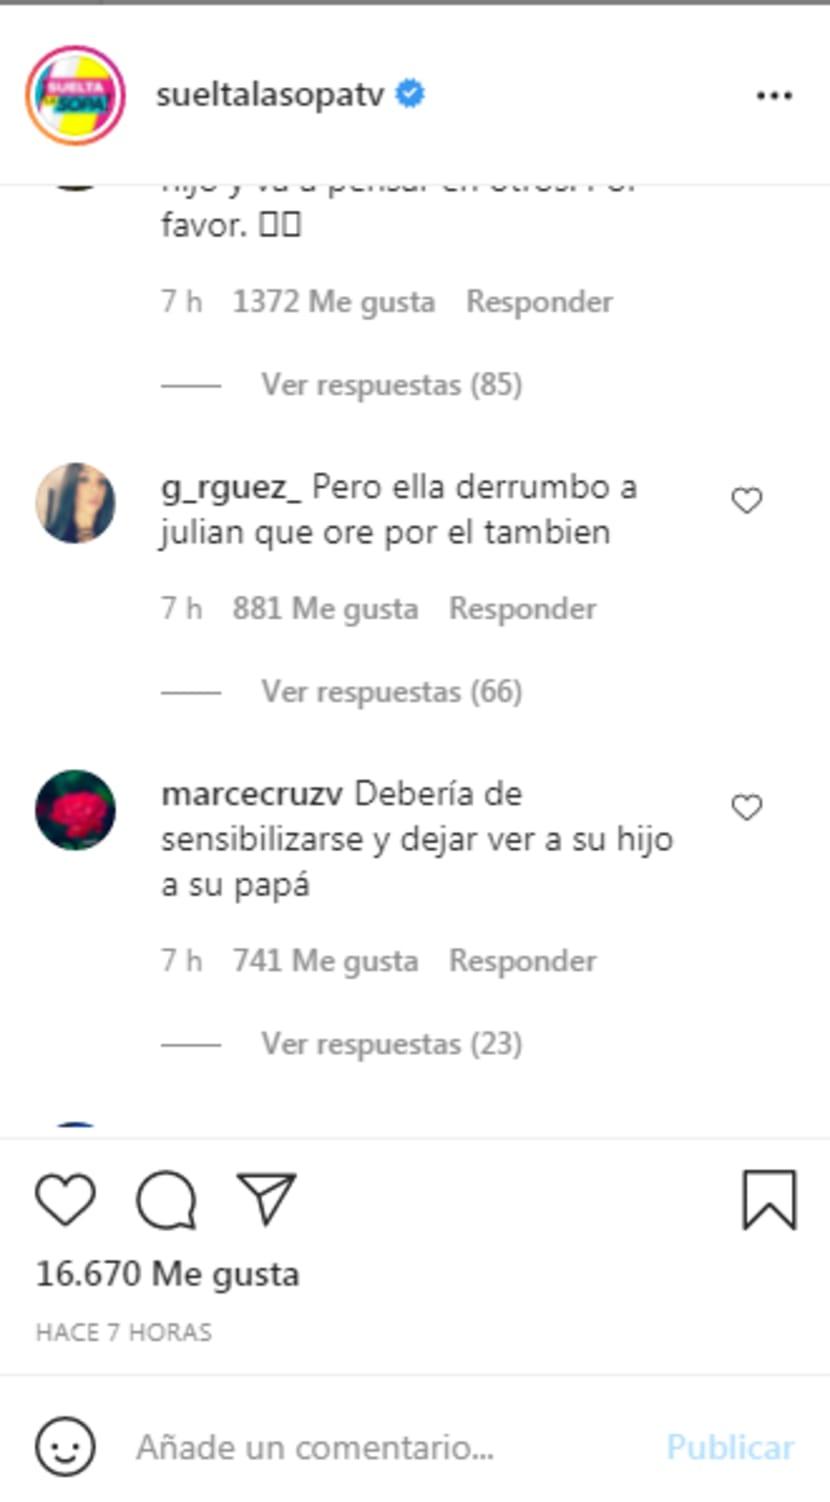 Marjorie asks for victims: Comments towards De Sousa